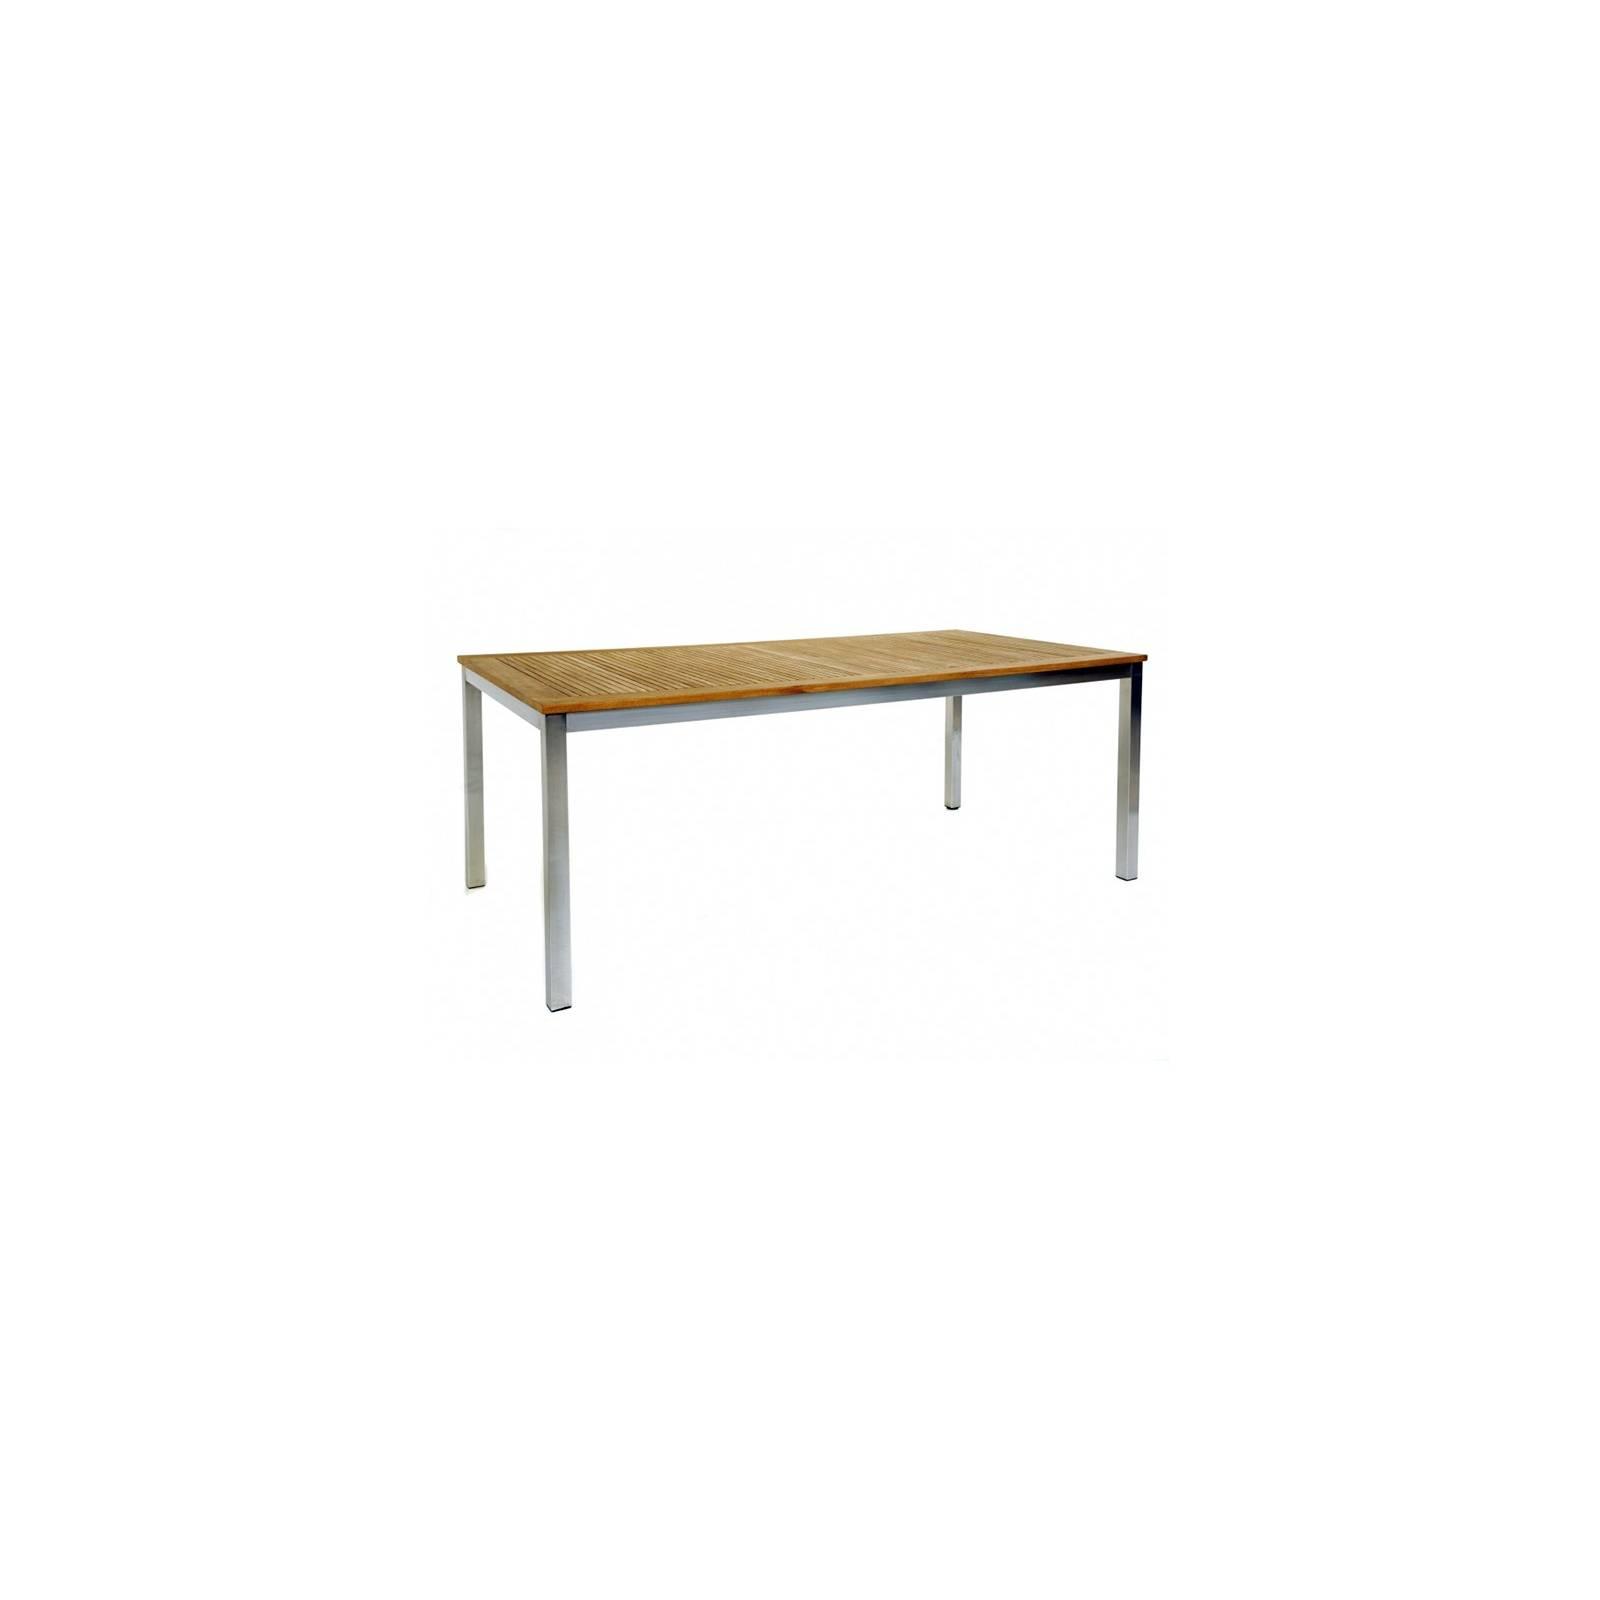 Table De Jardin Taman Teck Recyclé - meuble de jardin